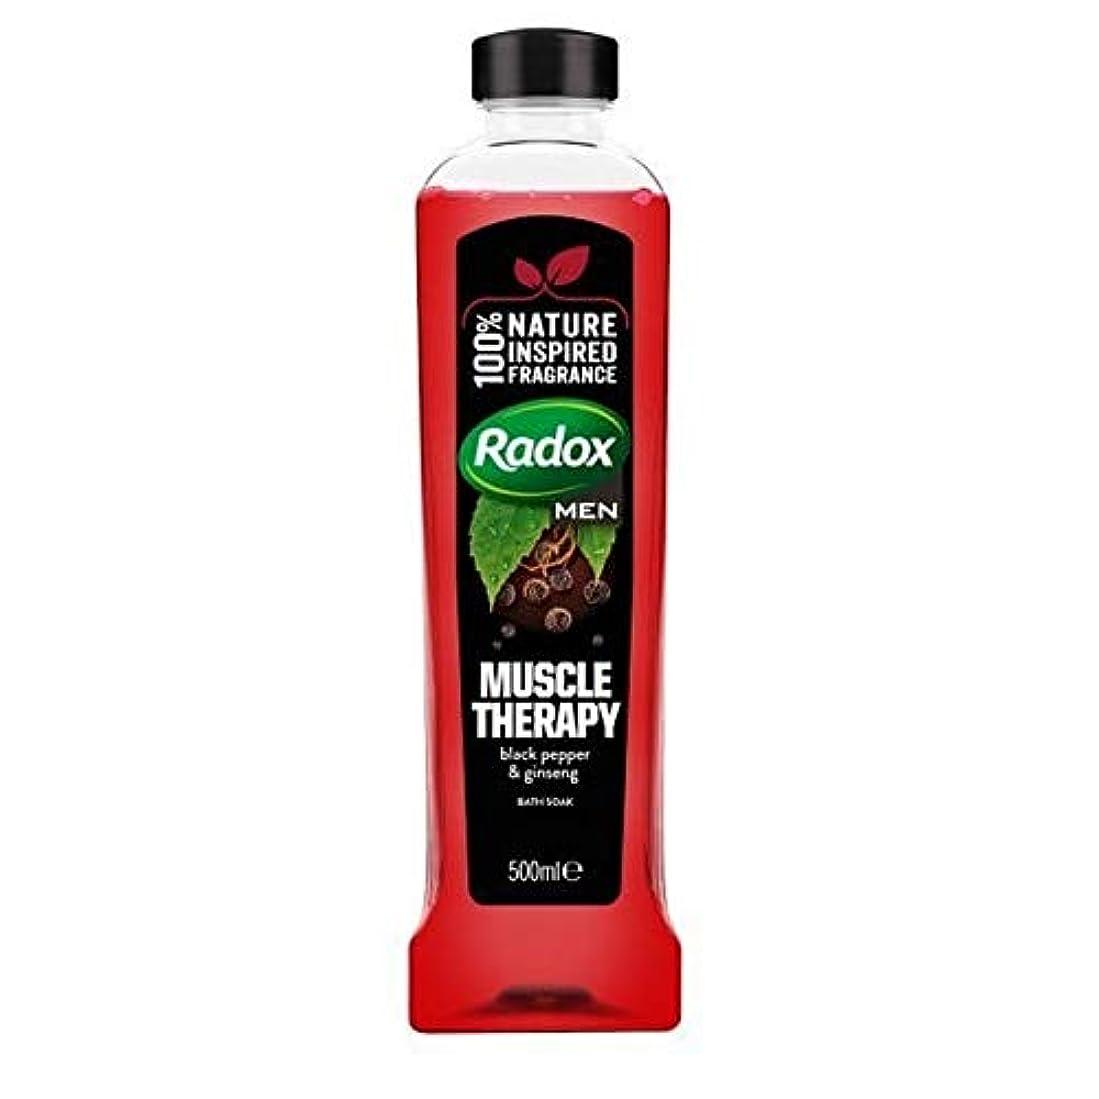 先暫定のラインナップ[Radox] Radoxは、500ミリリットルのソーク良い香り筋肉の治療風呂を感じます - Radox Feel Good Fragrance Muscle Therapy Bath Soak 500ml [並行輸入品]